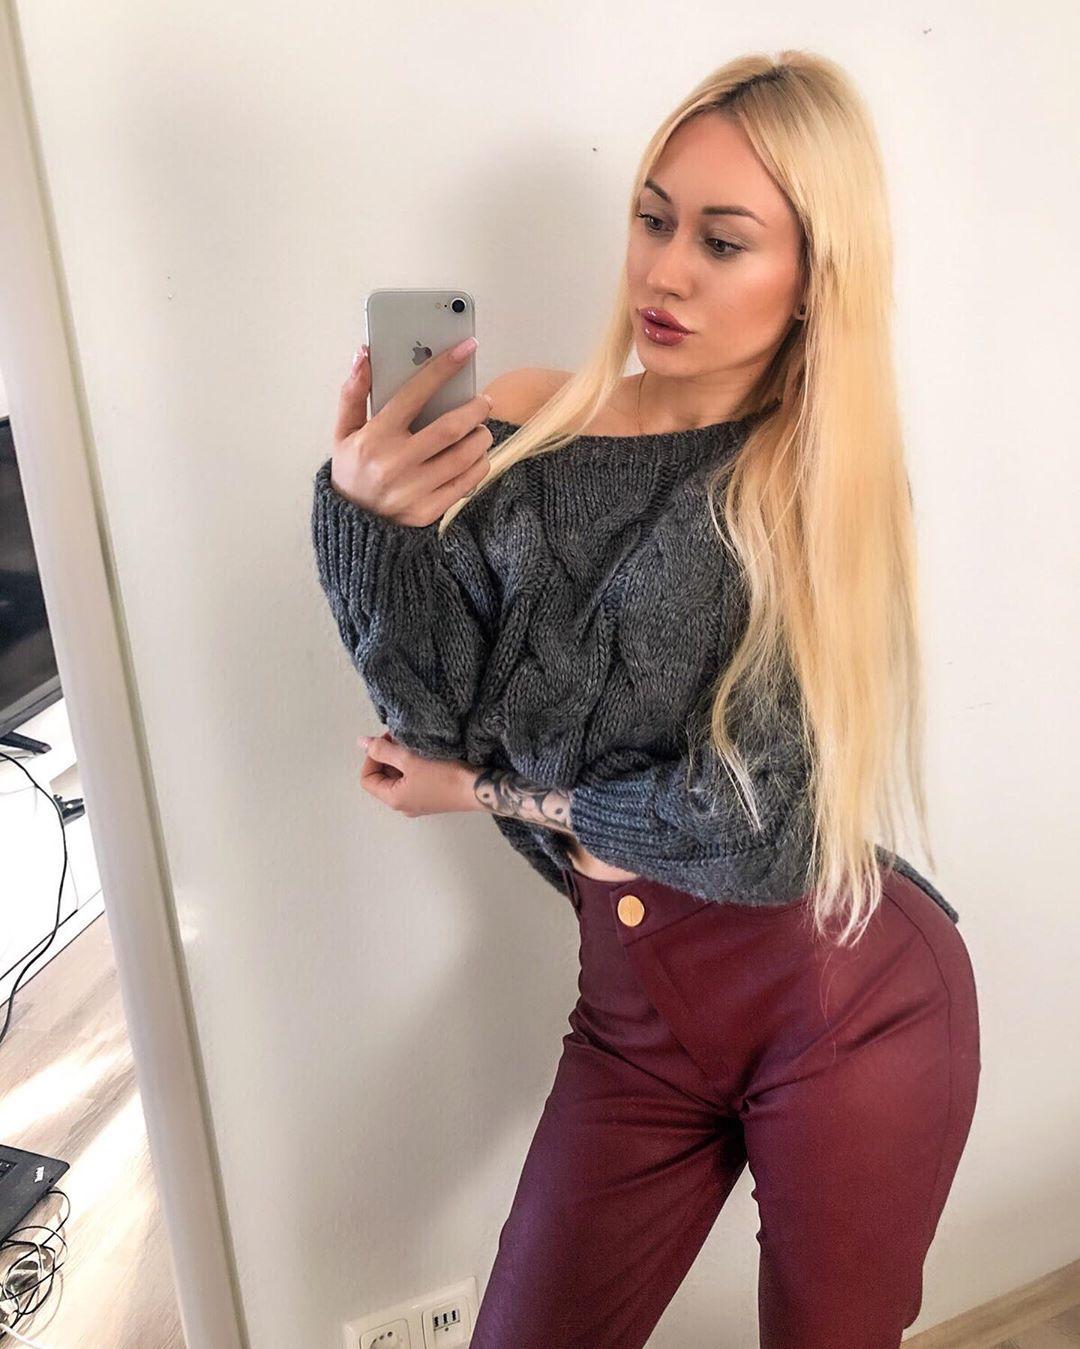 Adrianna-Strzalka-Wallpapers-Insta-Fit-Bio-14